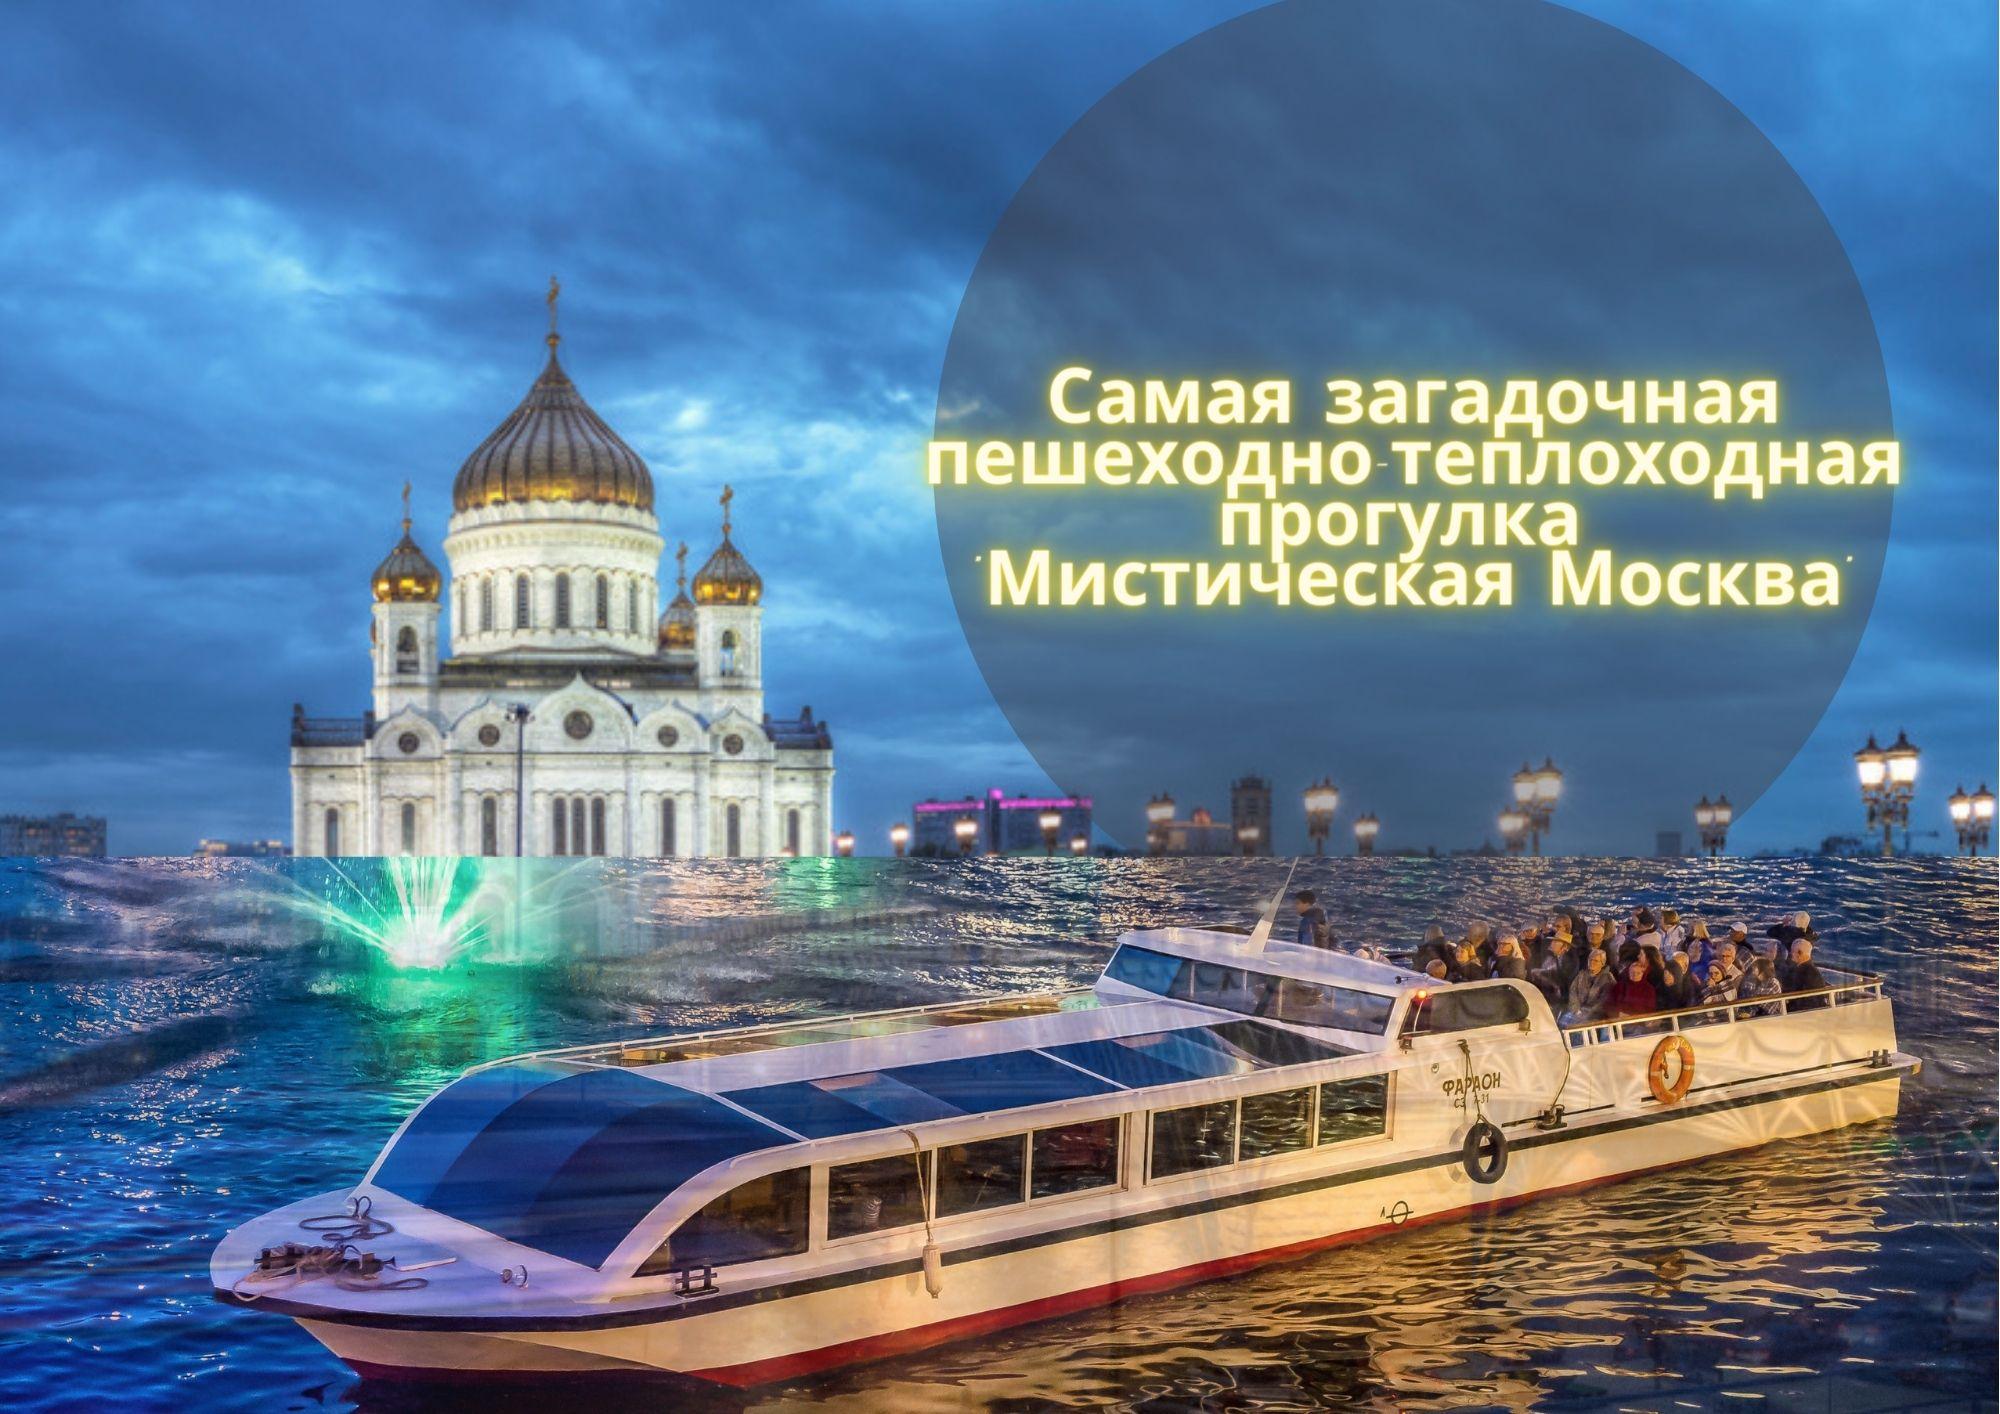 Мистическая Москва - пешеходно-теплоходная прогулка